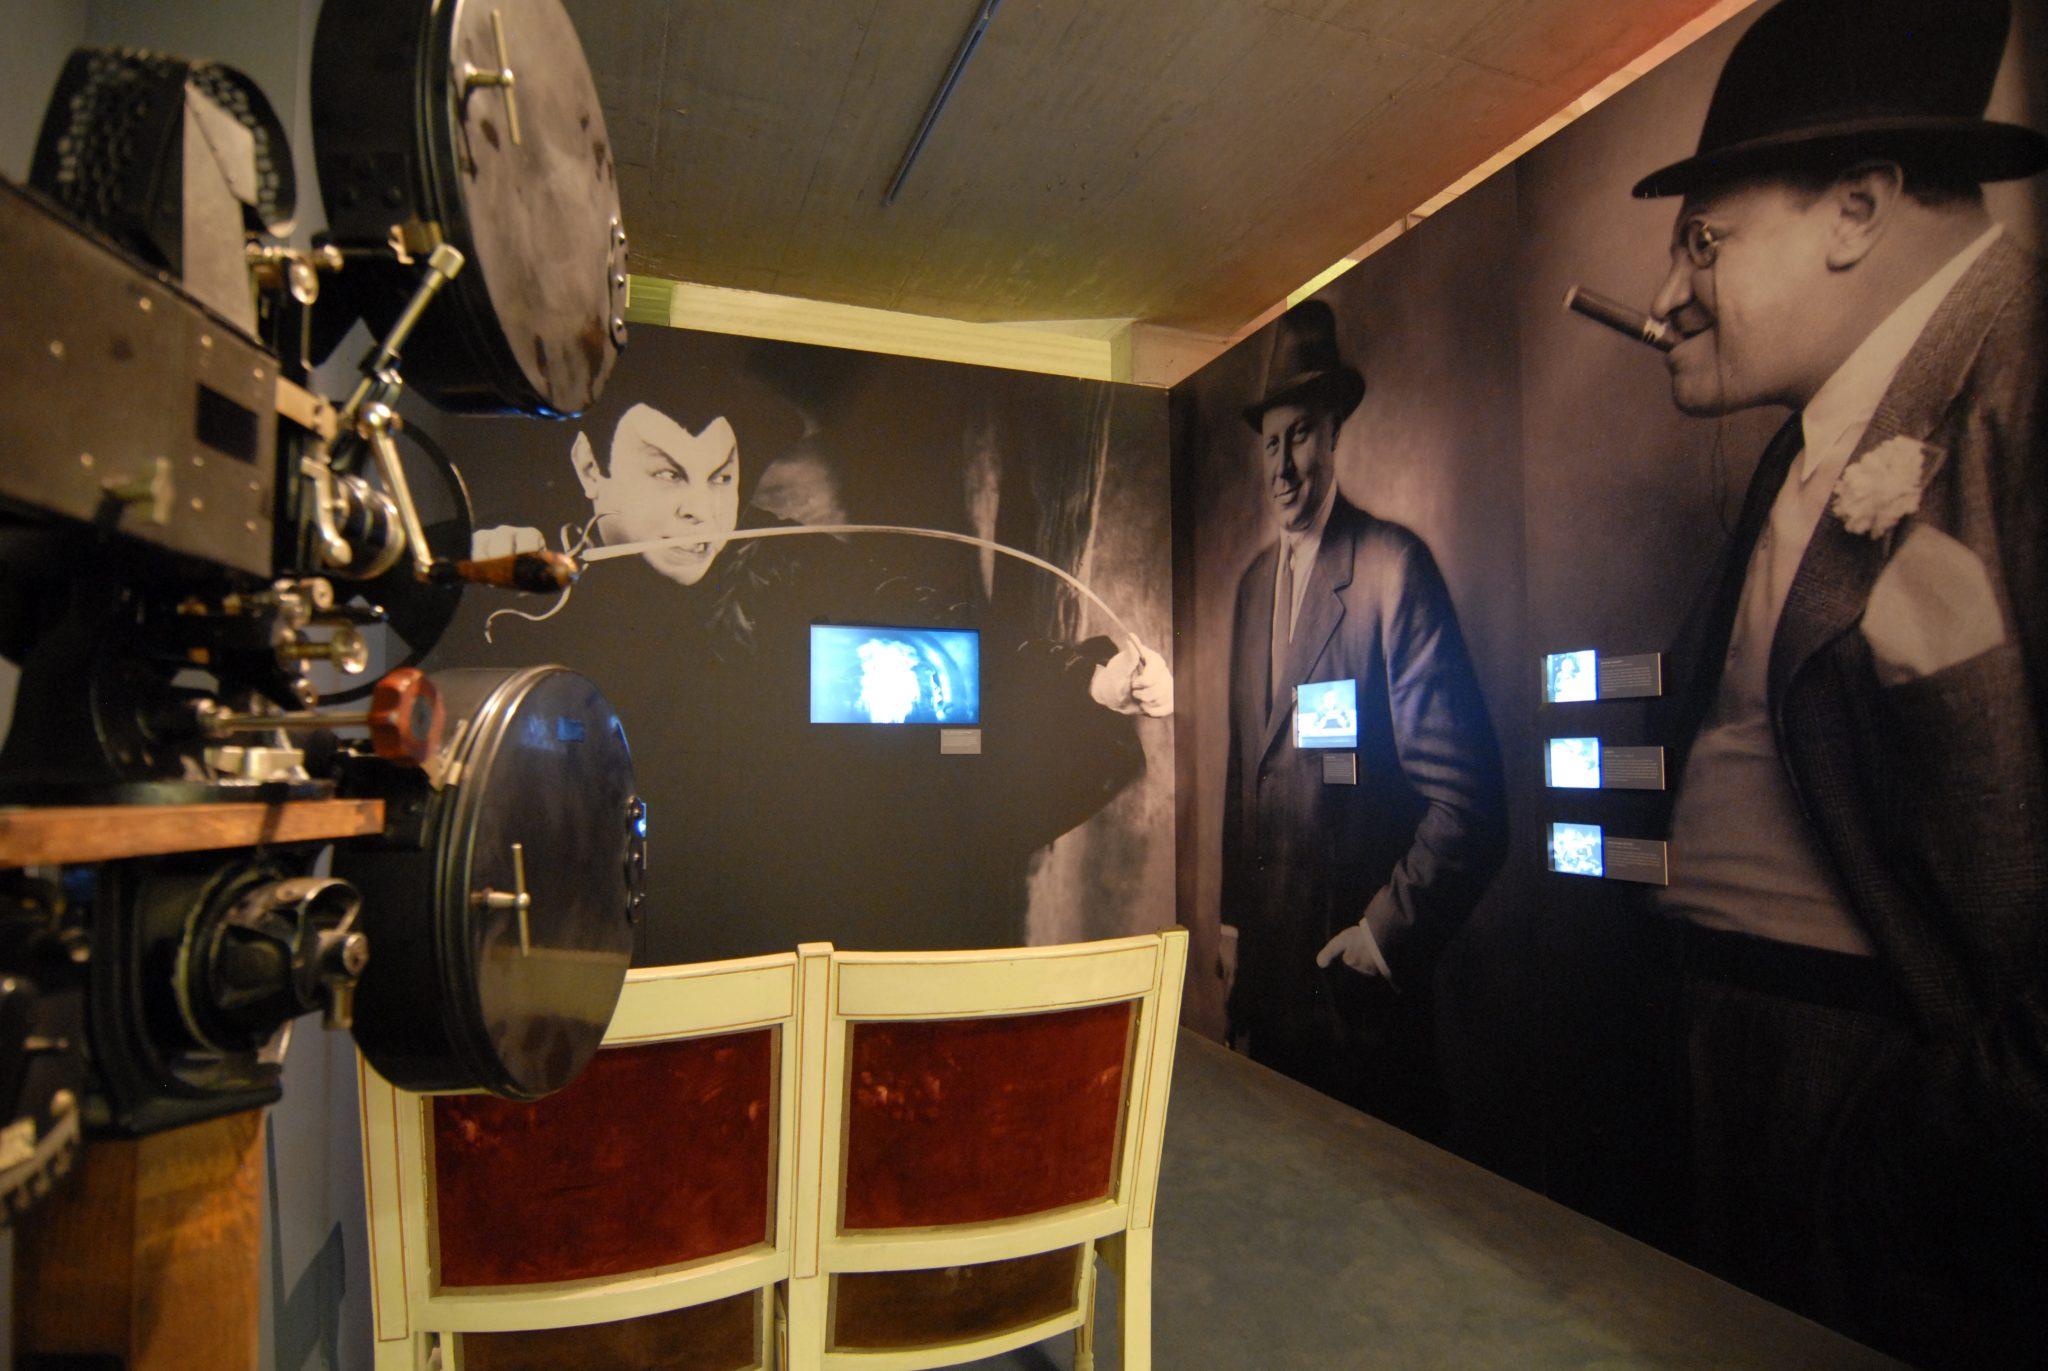 Stummfilm Filmapparat links, davor zwei historische Kinostühle, drei Großporträts von Emil Jannings mit Videos.